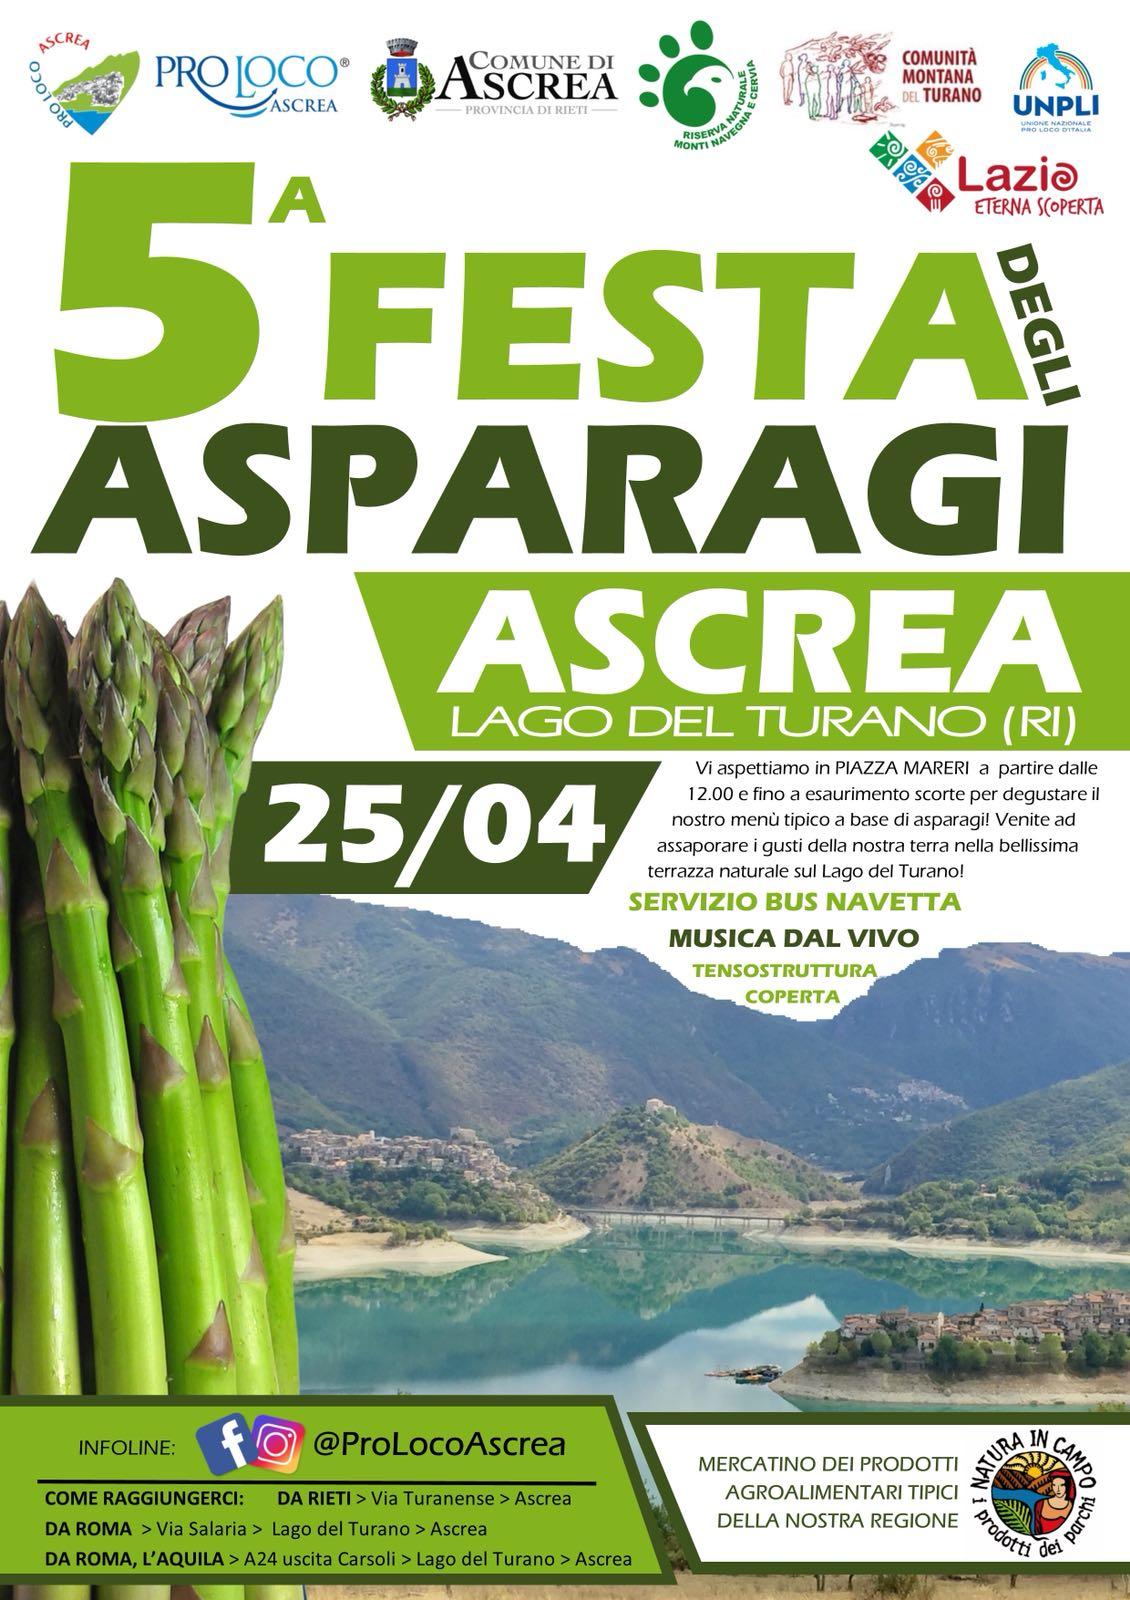 Ascrea (RI) festeggia gli asparagi a due passi dal Lago del Turano - 25 aprile